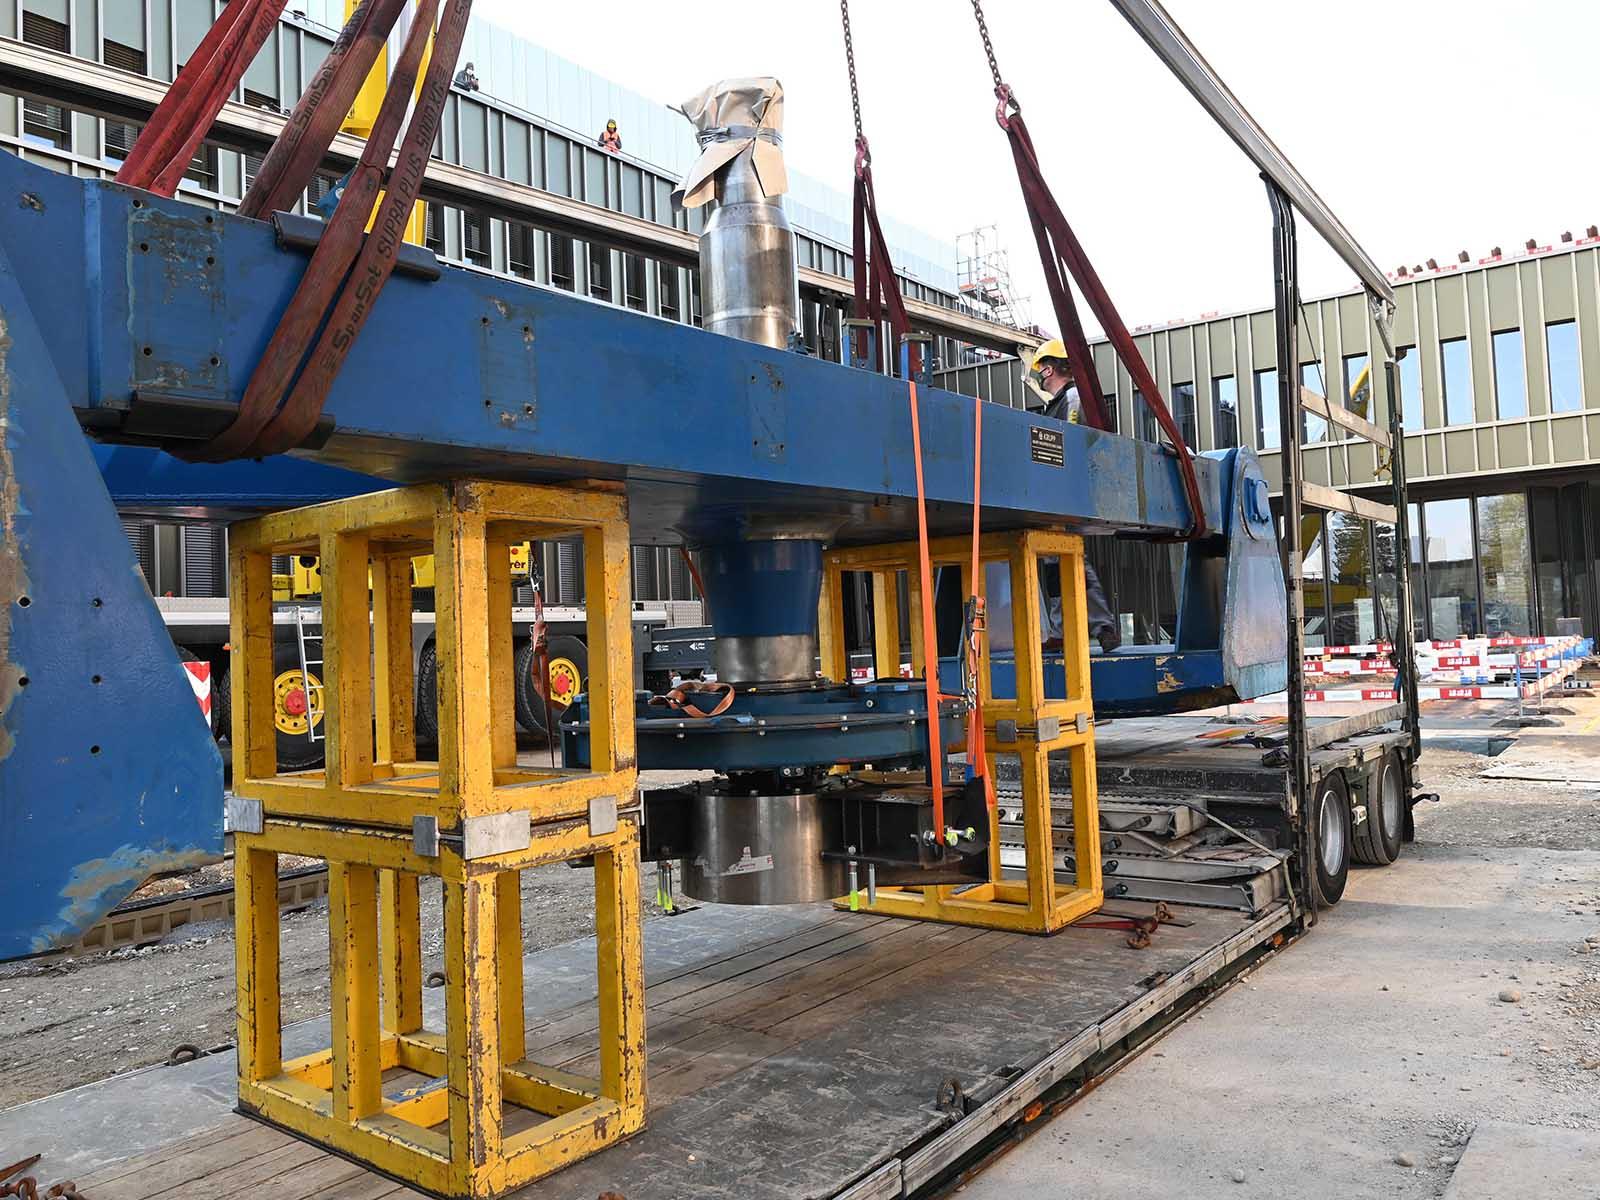 Der Tieflader liefert die 20 Tonnen schwere Zentrifuge an, die nun auf dem ETH-Campus im Boden versenkt wird.